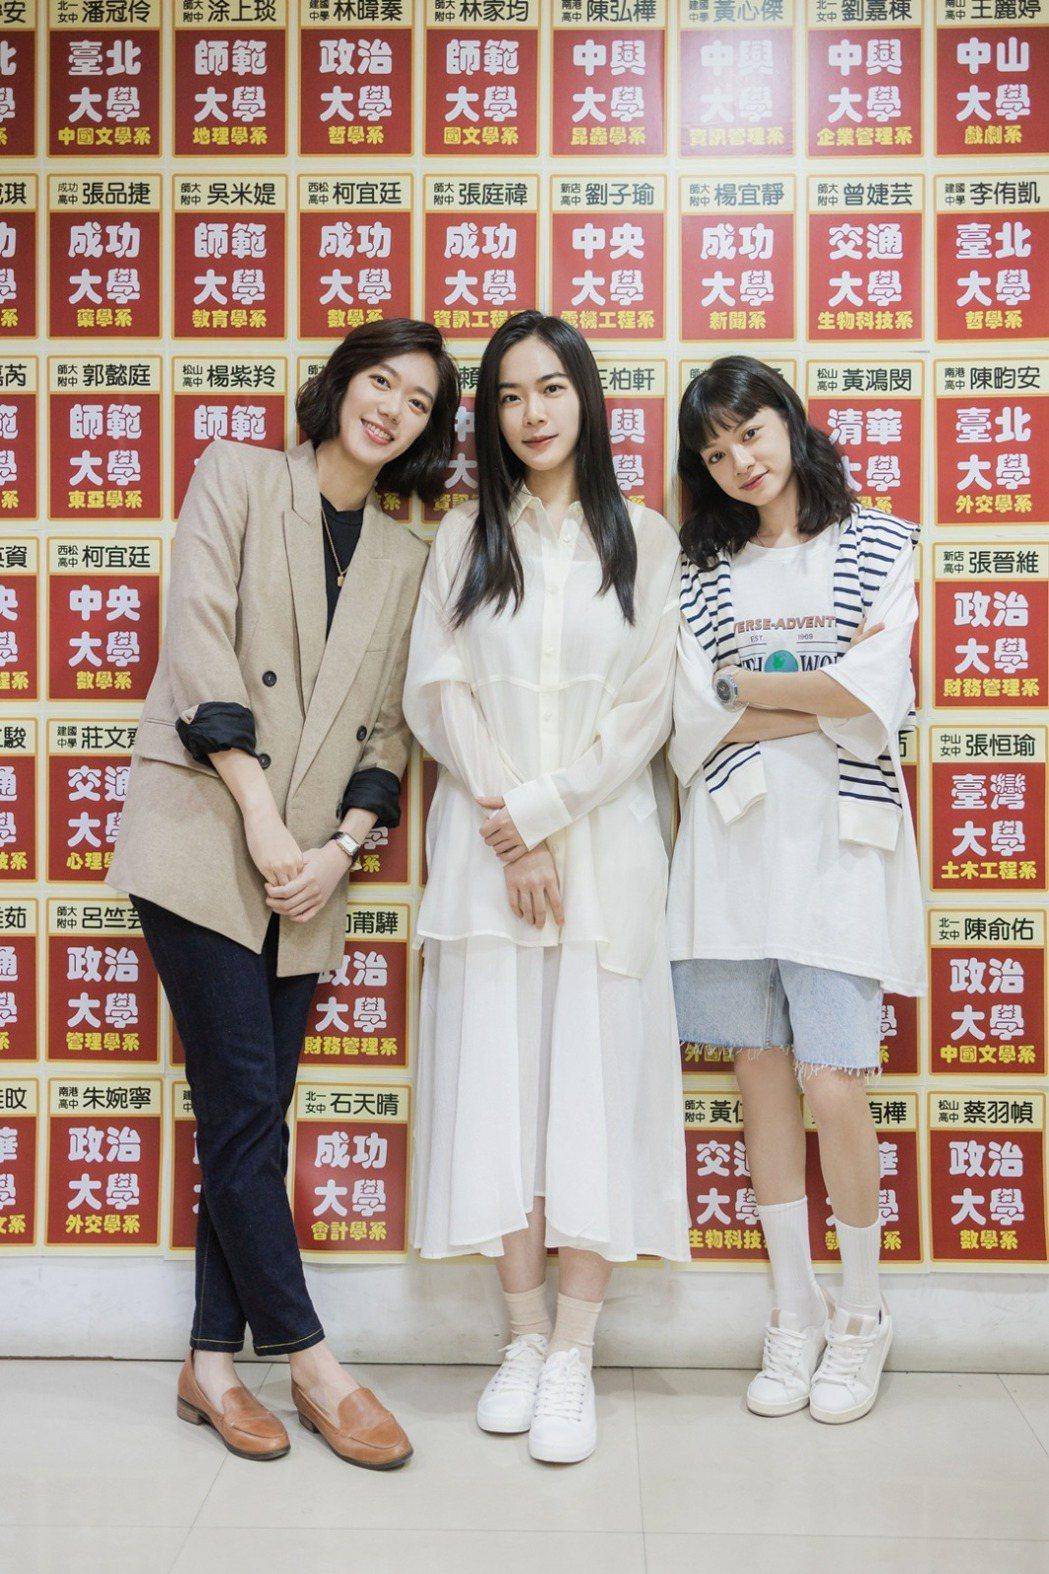 鄧九雲(左)與姚愛寗(右)在徐靖玟新歌MV中上演女女師生戀。圖/華研國際提供